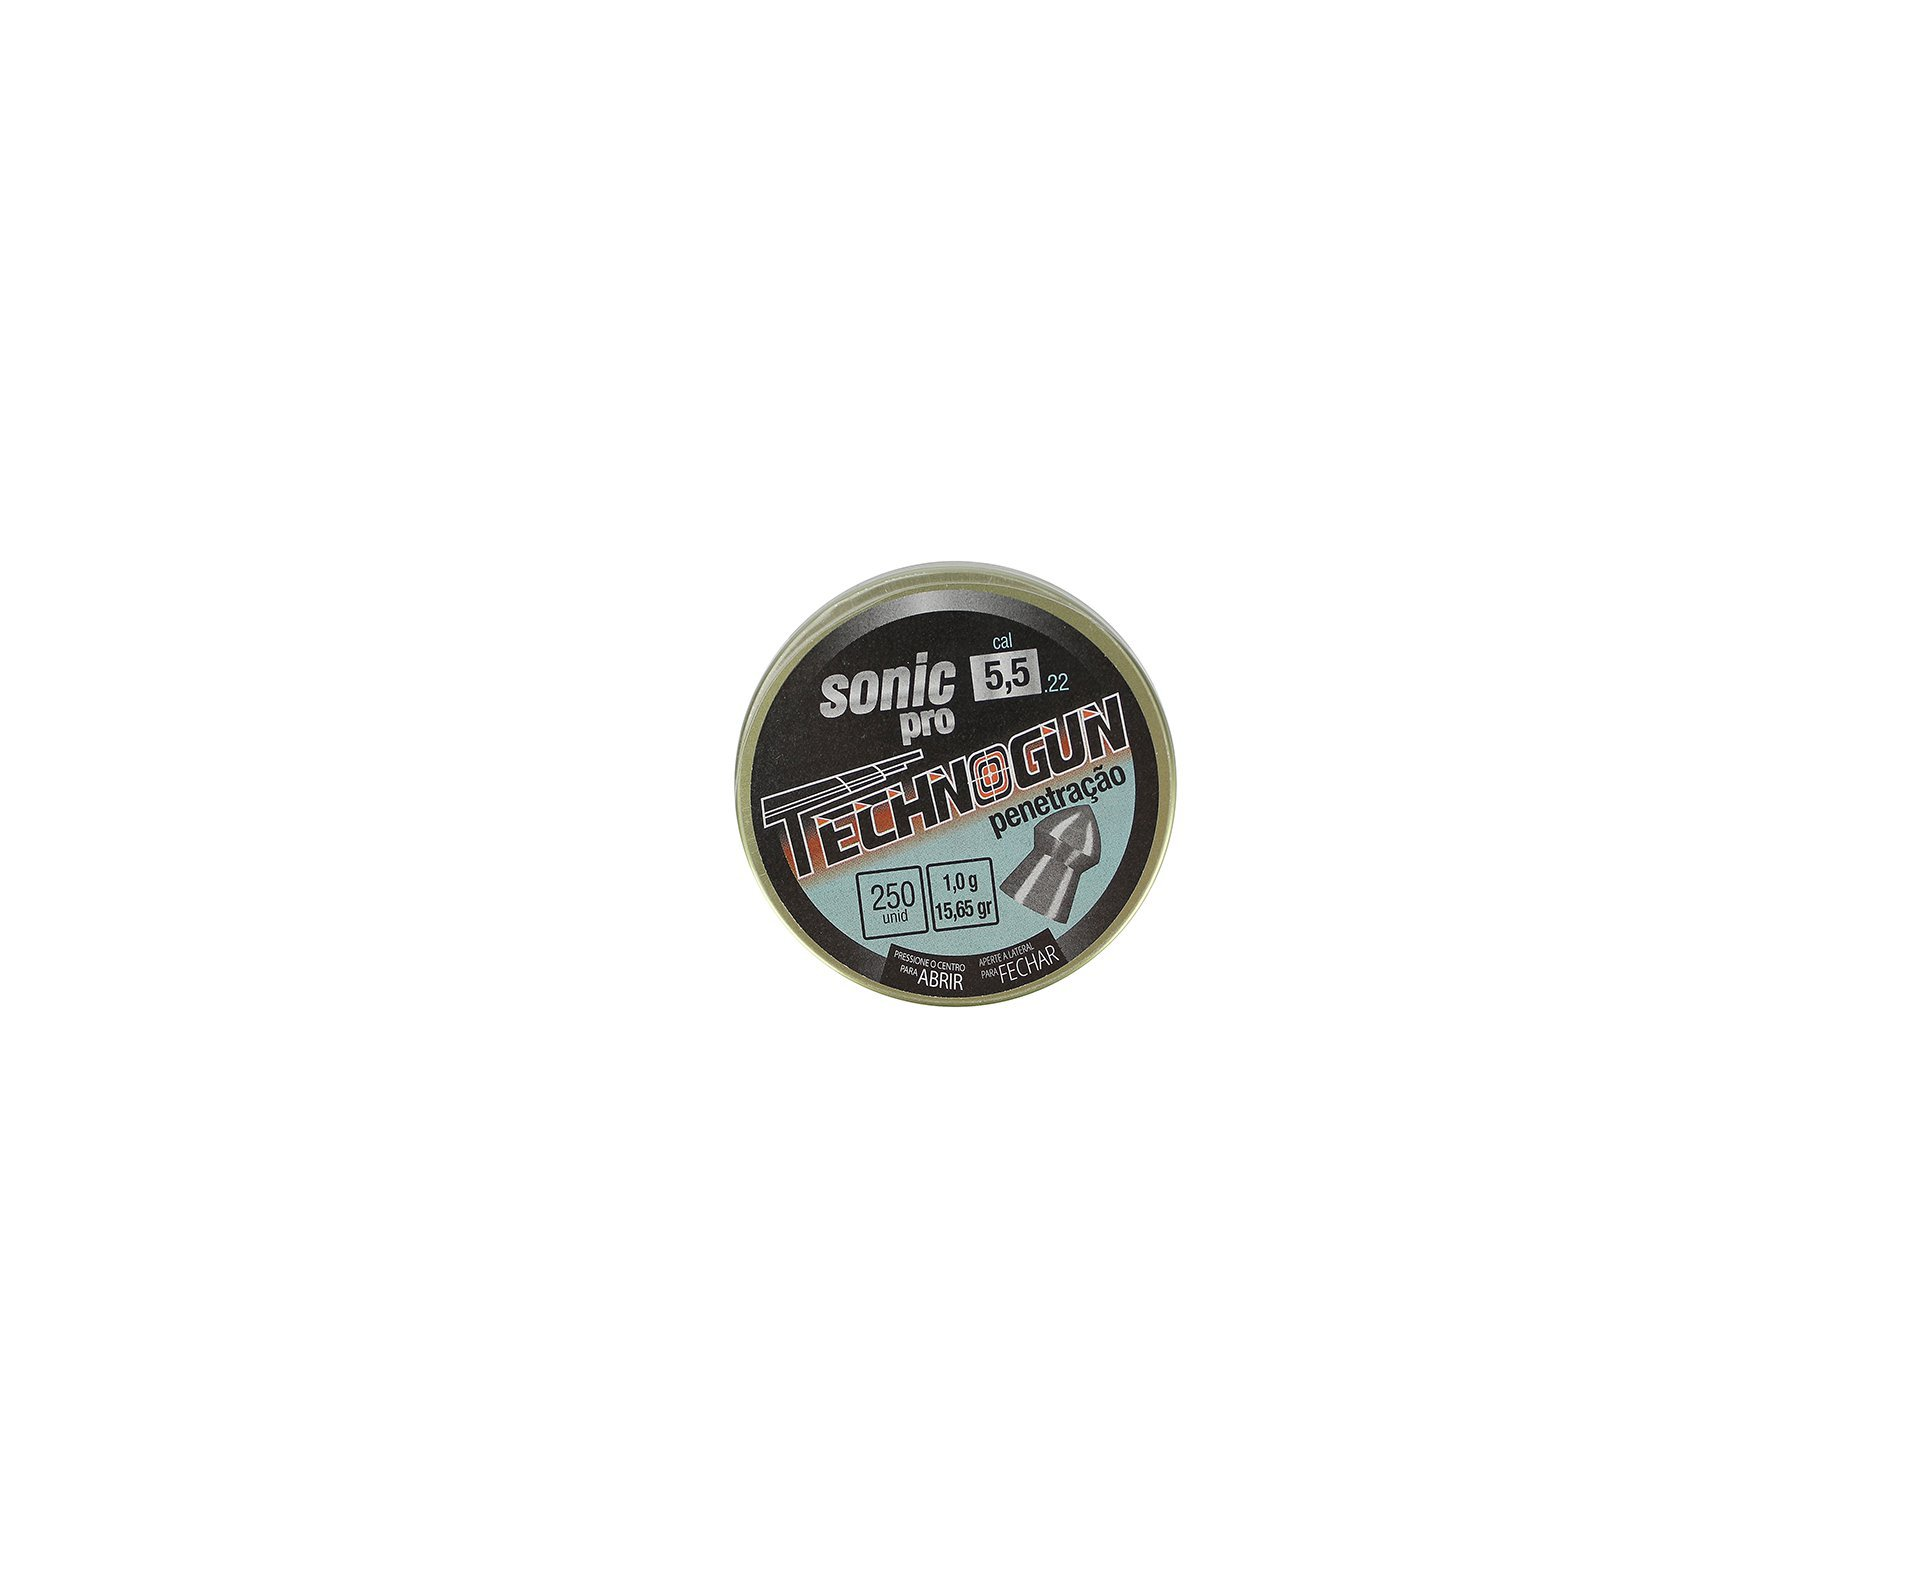 Chumbinho Sonic Pró - Calibre 5,5mm - Pote Com 250pcs - Technogun